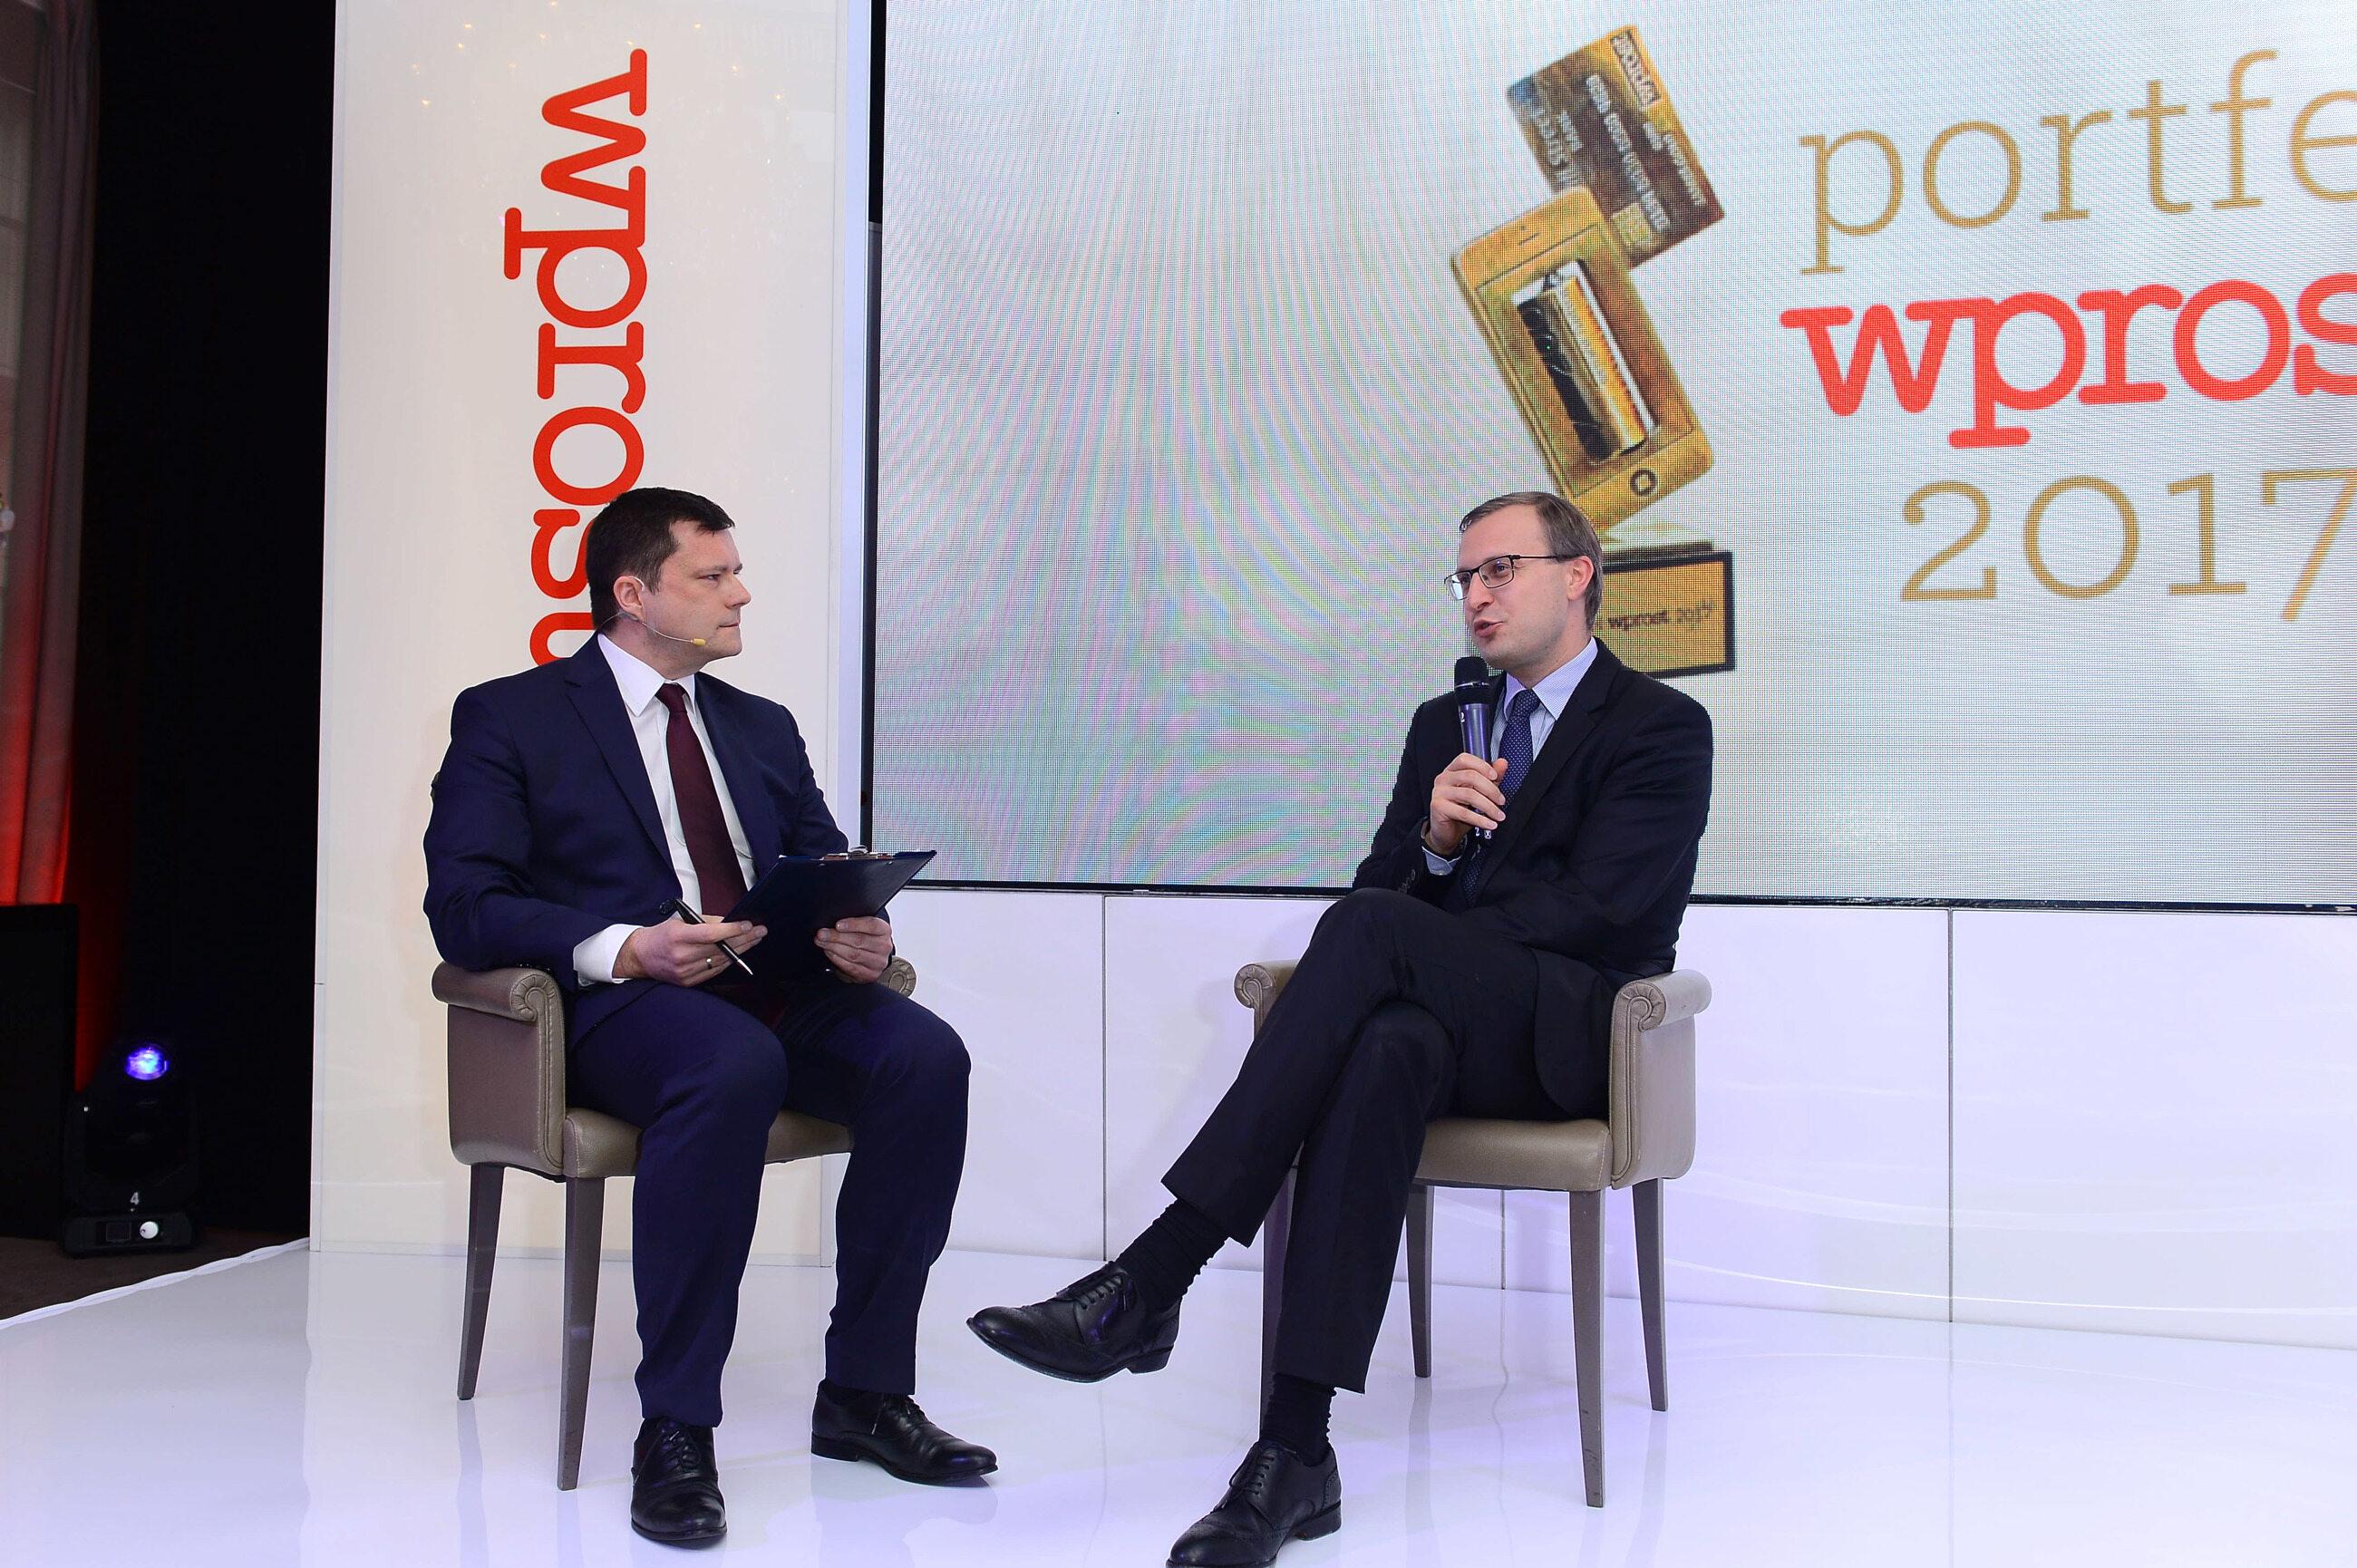 Jacek Pochłopień i Paweł Borys - rozmowa bez autoryzacji